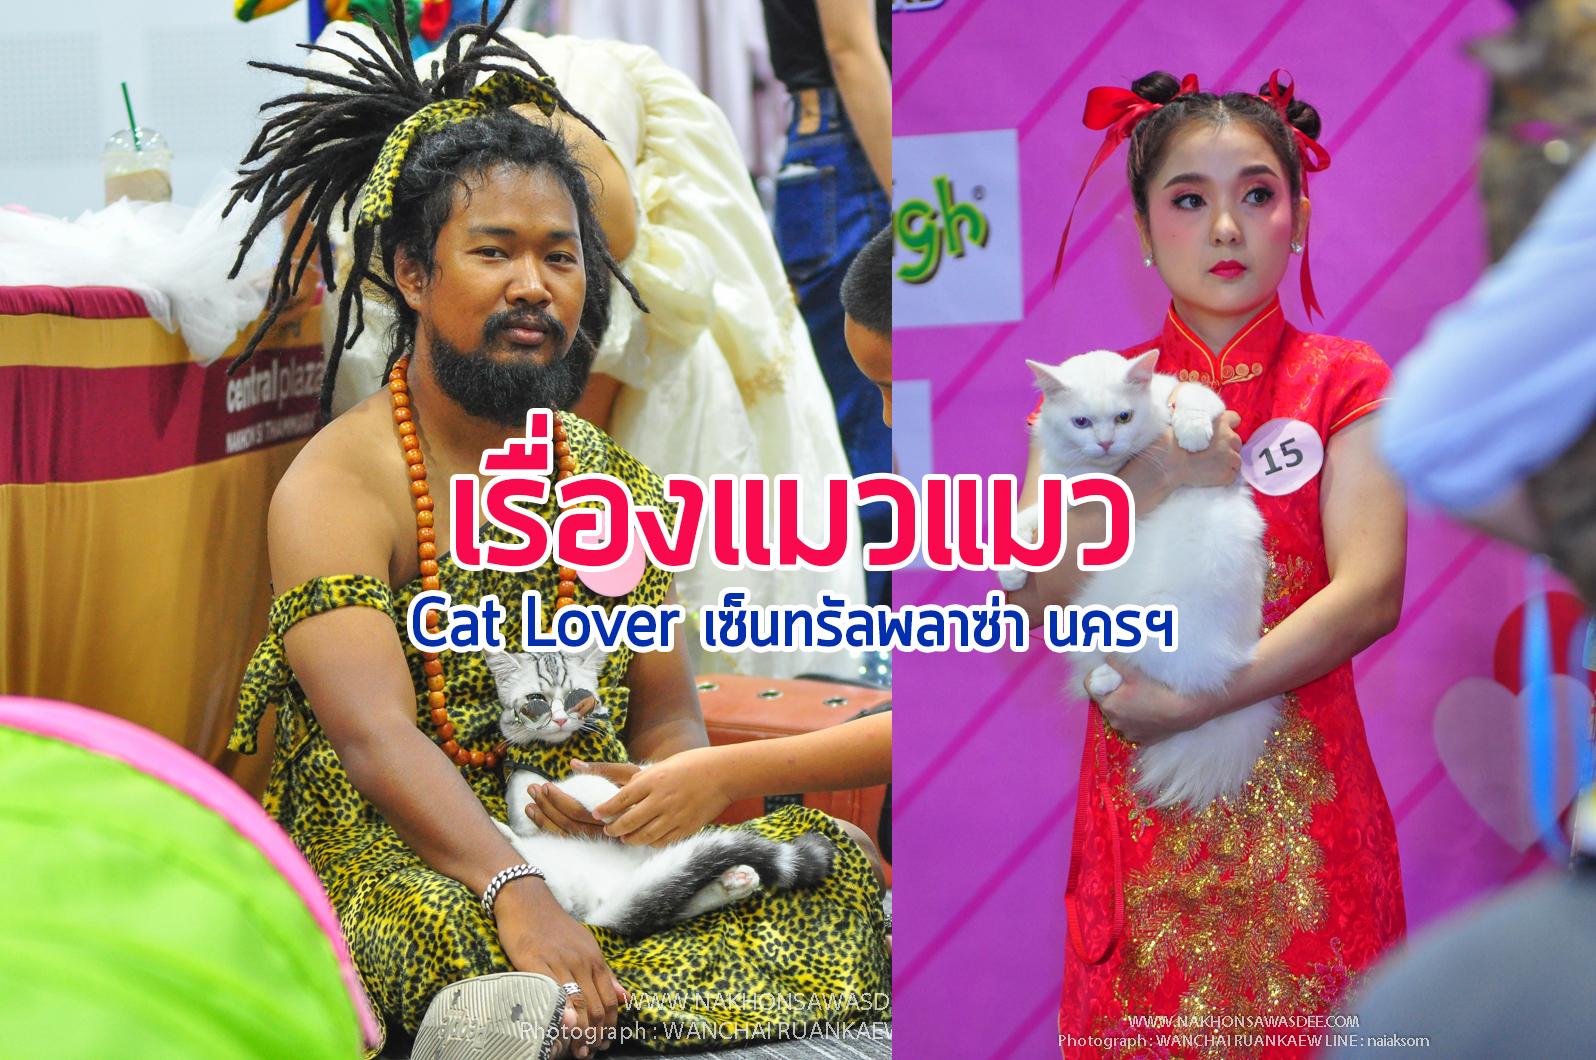 งาน cat lover เซ็นทรัล นครศรีธรรมราช